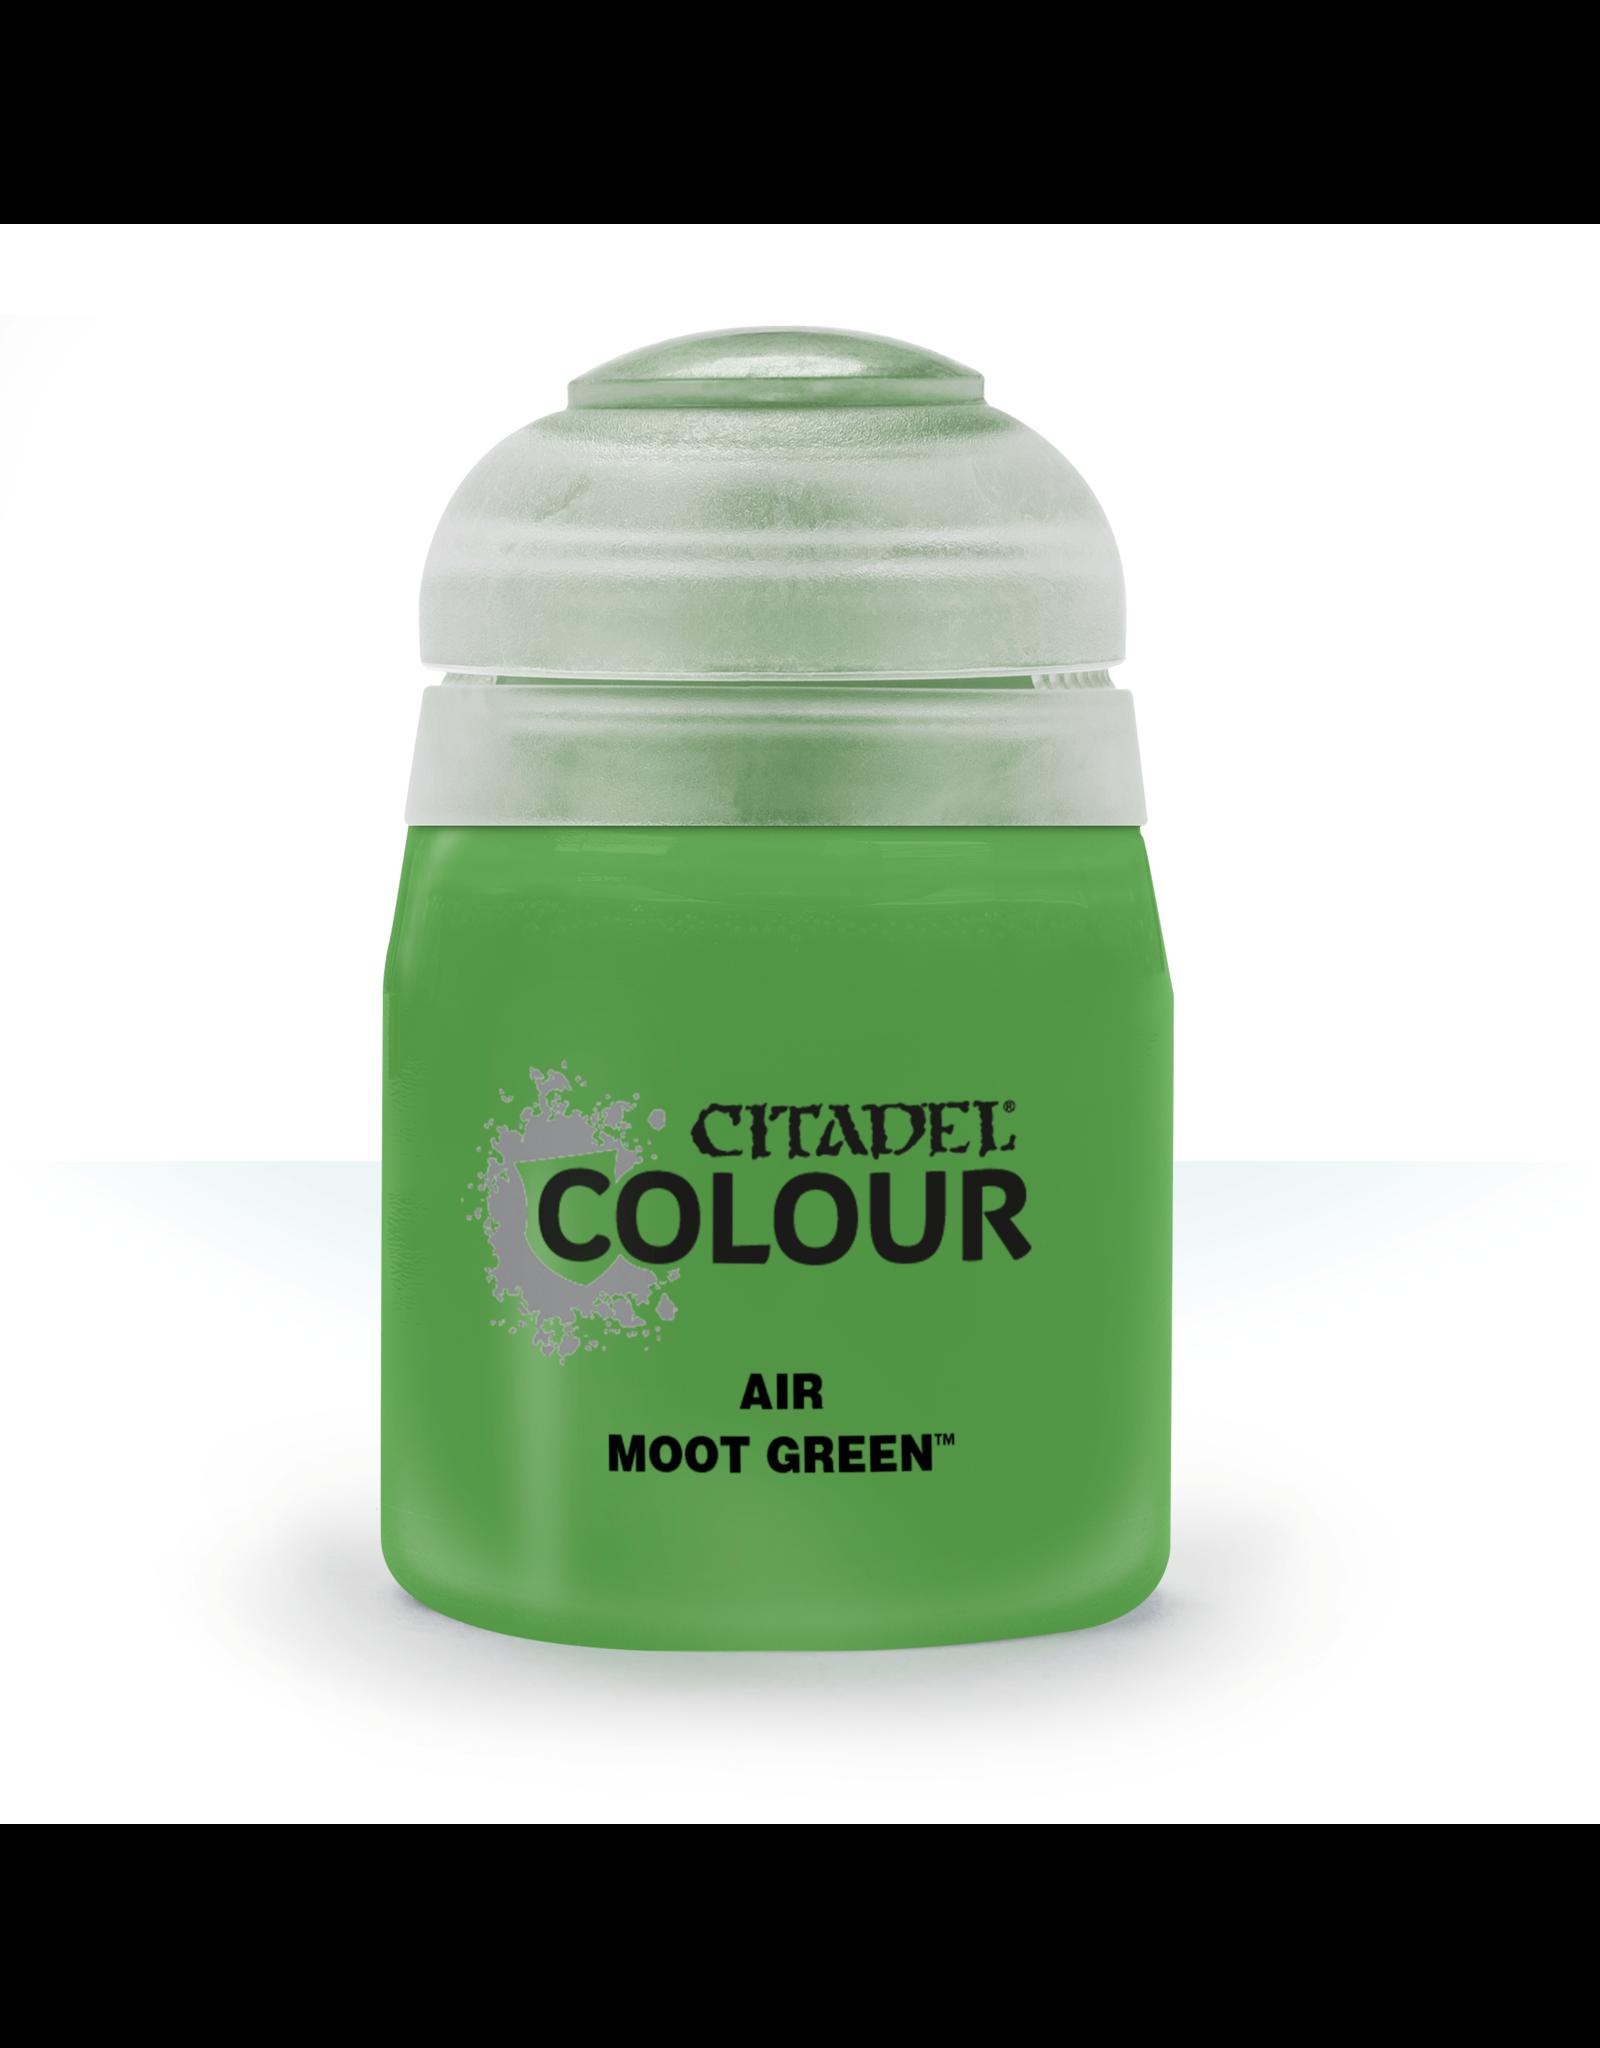 Citadel Citadel Paints: Air - Moot Green